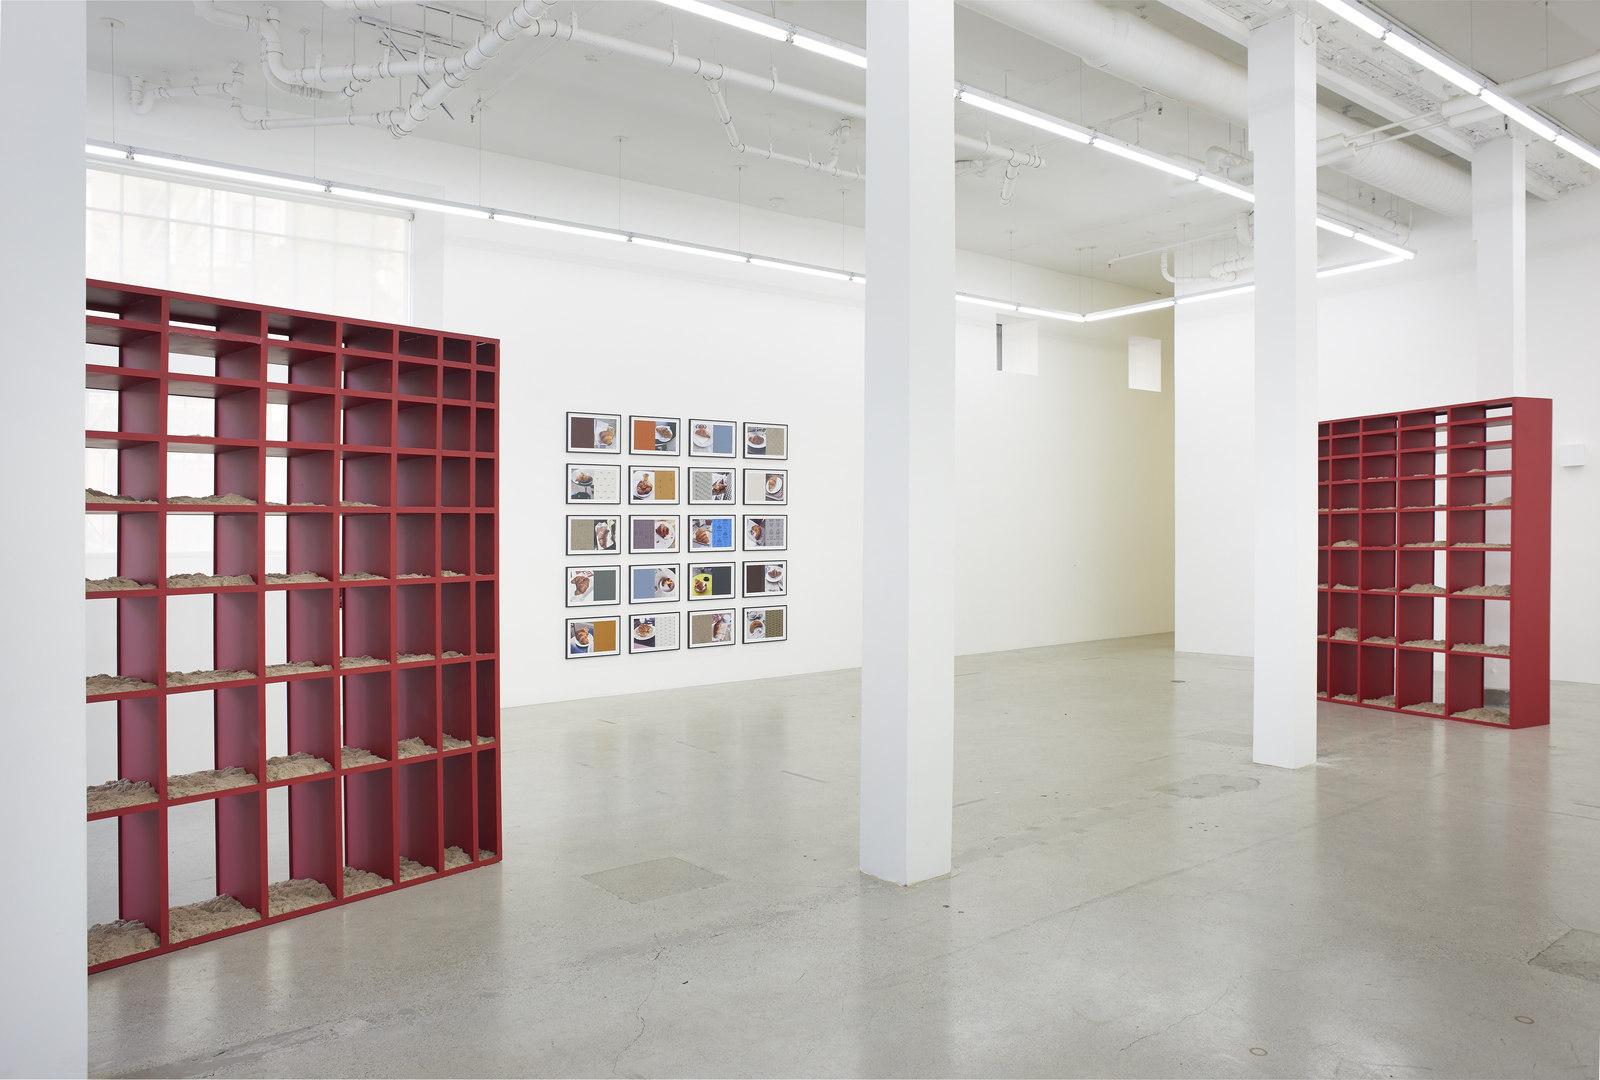 Wermers_Grundstück, 2017_Jessica Silverman Gallery_installation view_011